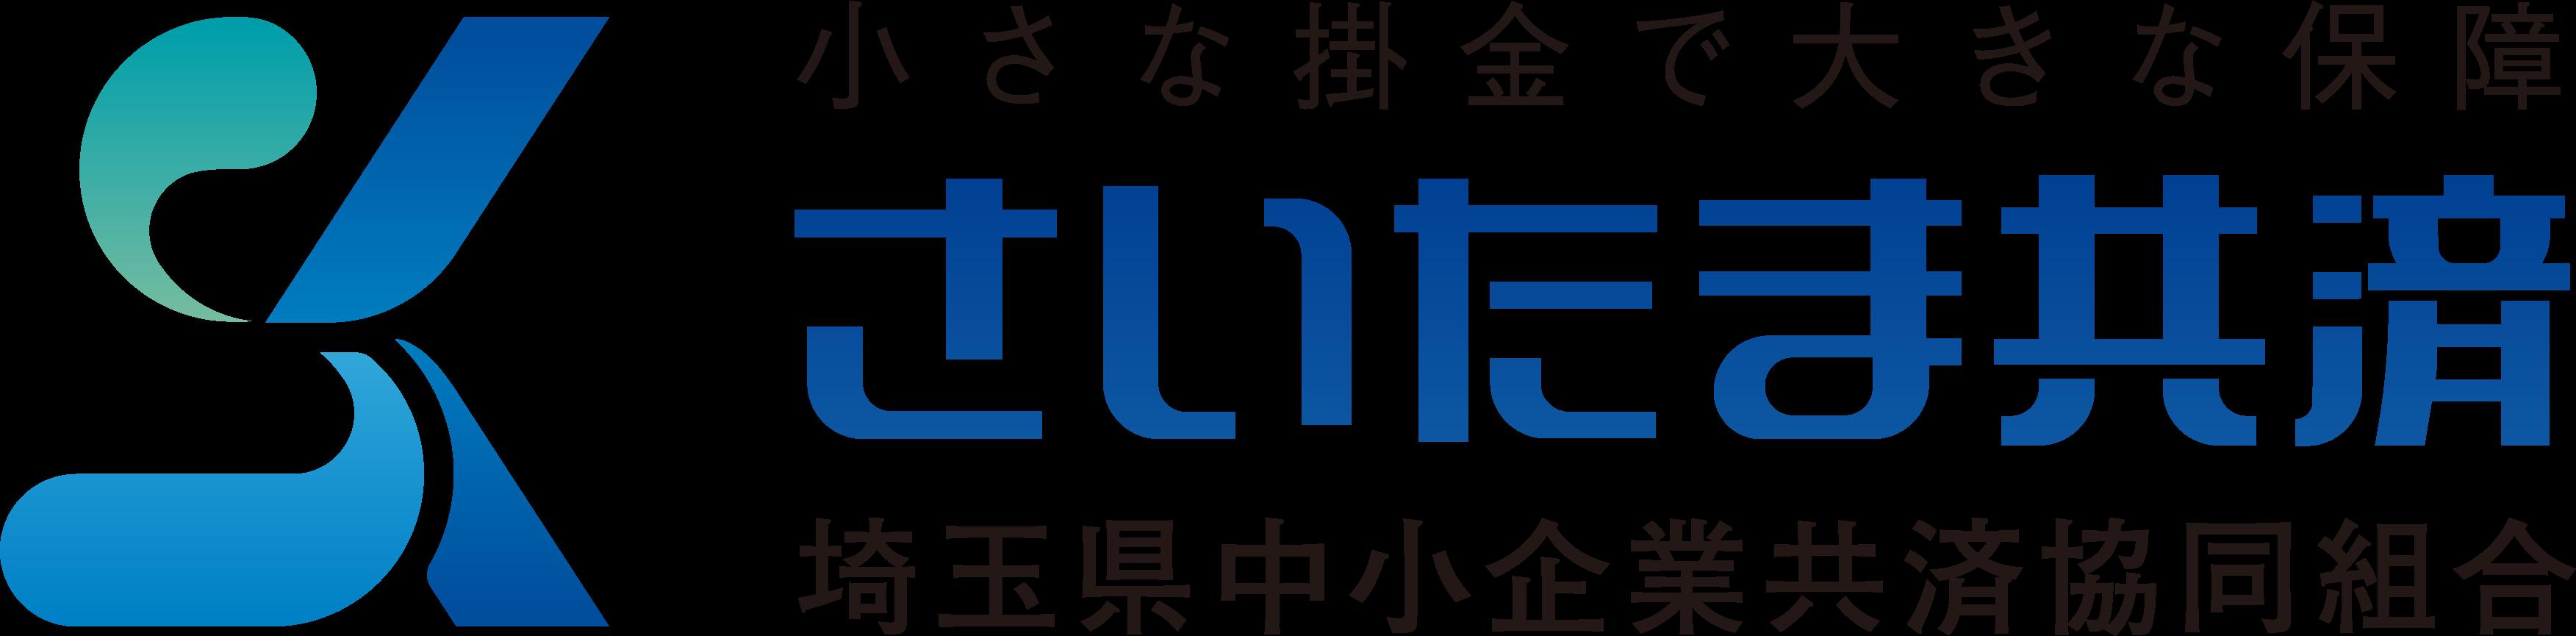 さいたま共済:埼玉県中小企業共済協同組合